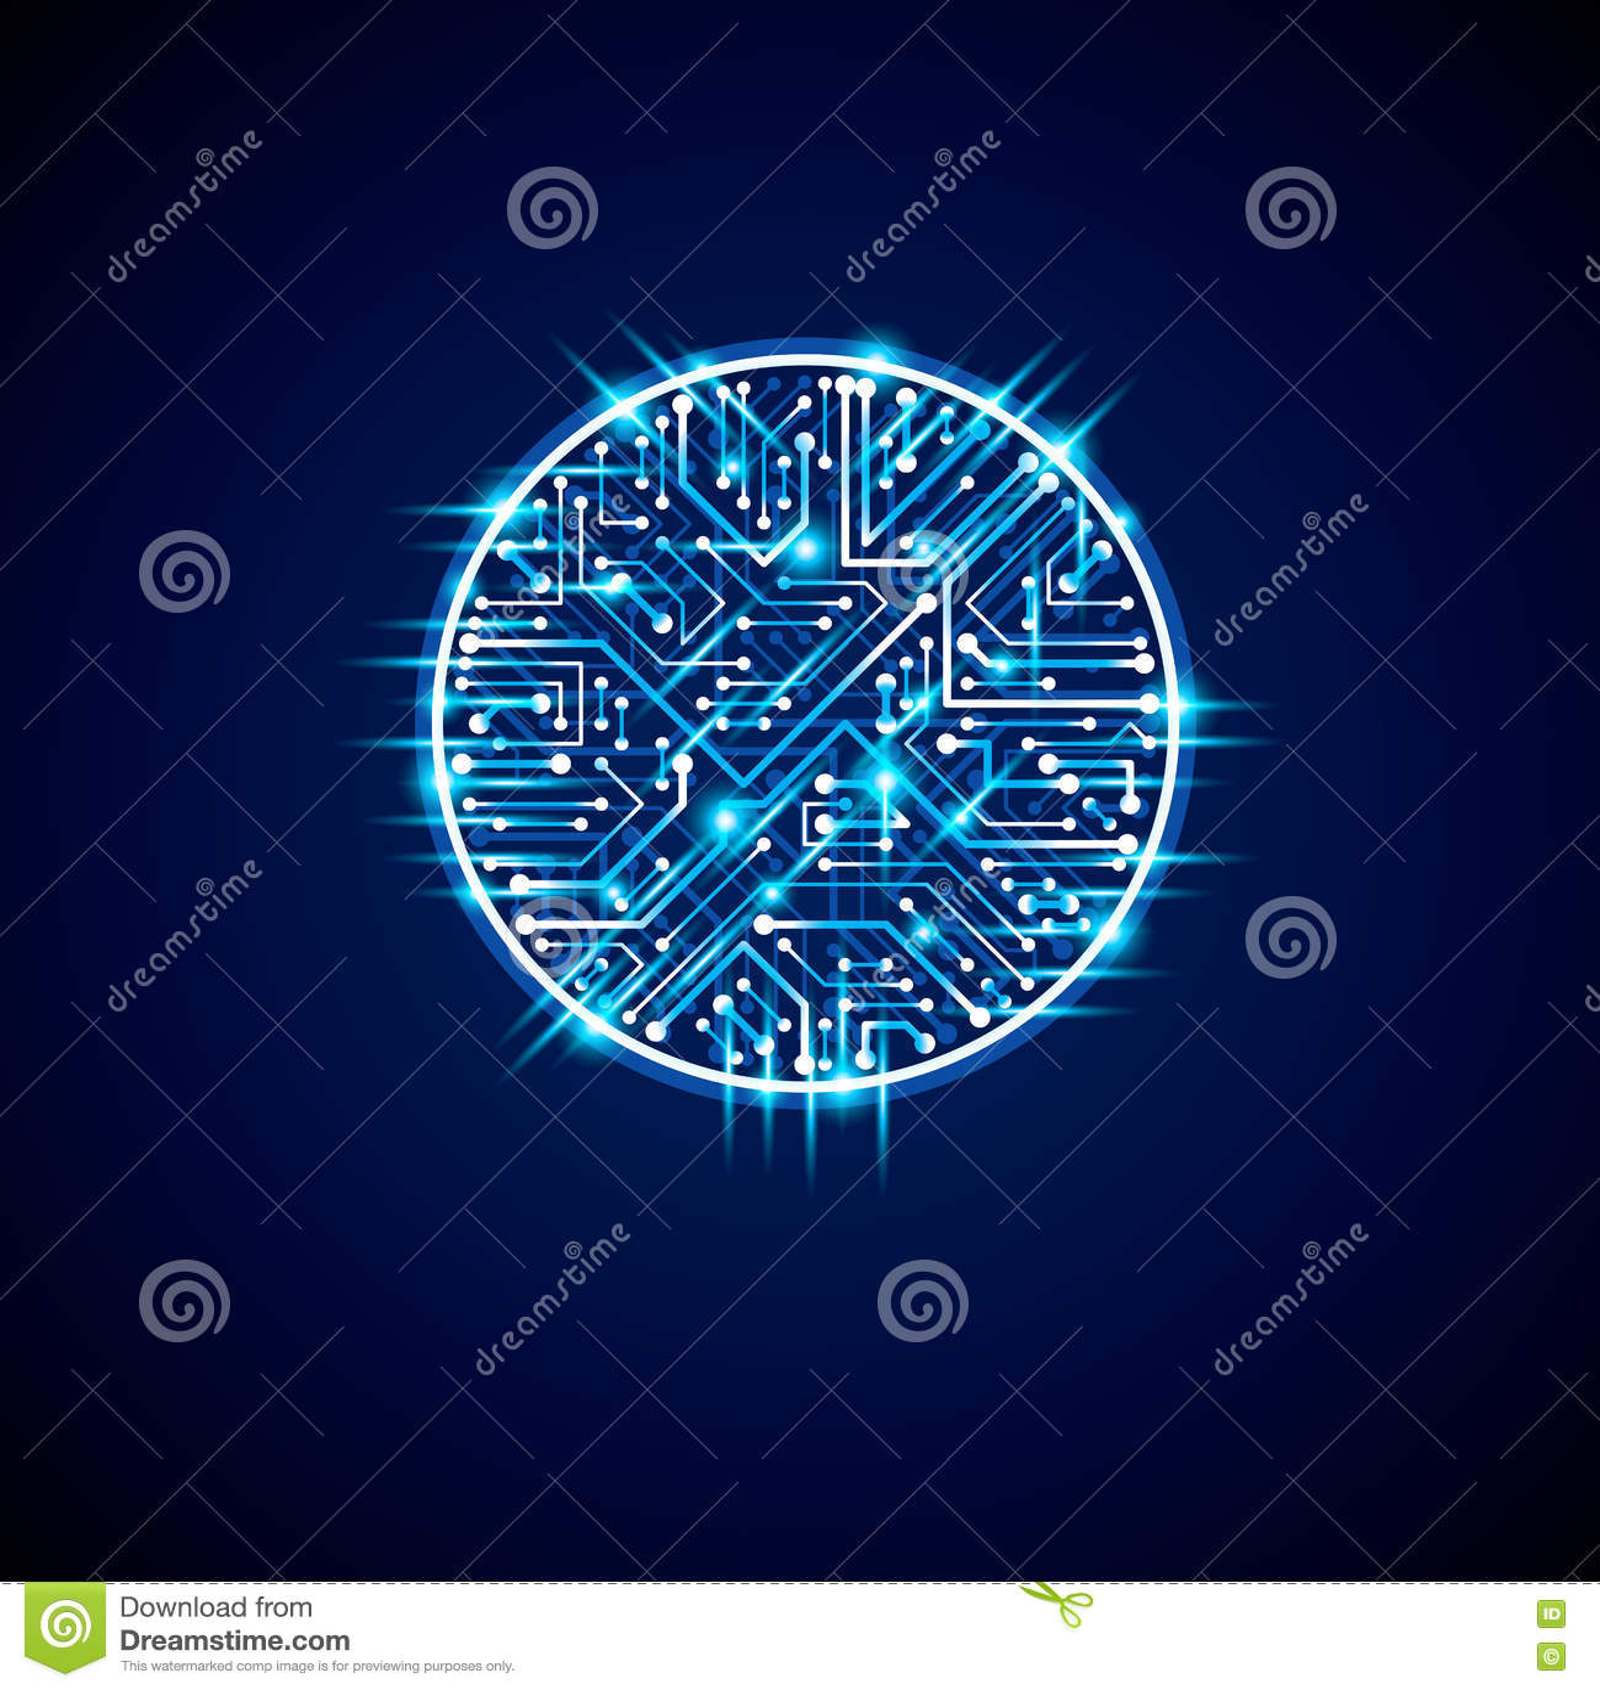 Schema Collegamento Neon Circolare : Fluorescenti lineari e circolari illuminazione neon